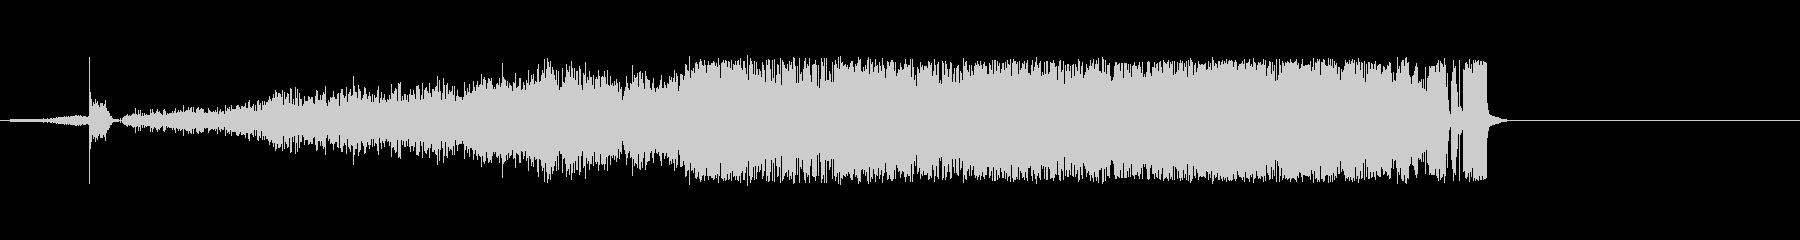 ゴム摩擦、1つの長い摩擦の未再生の波形